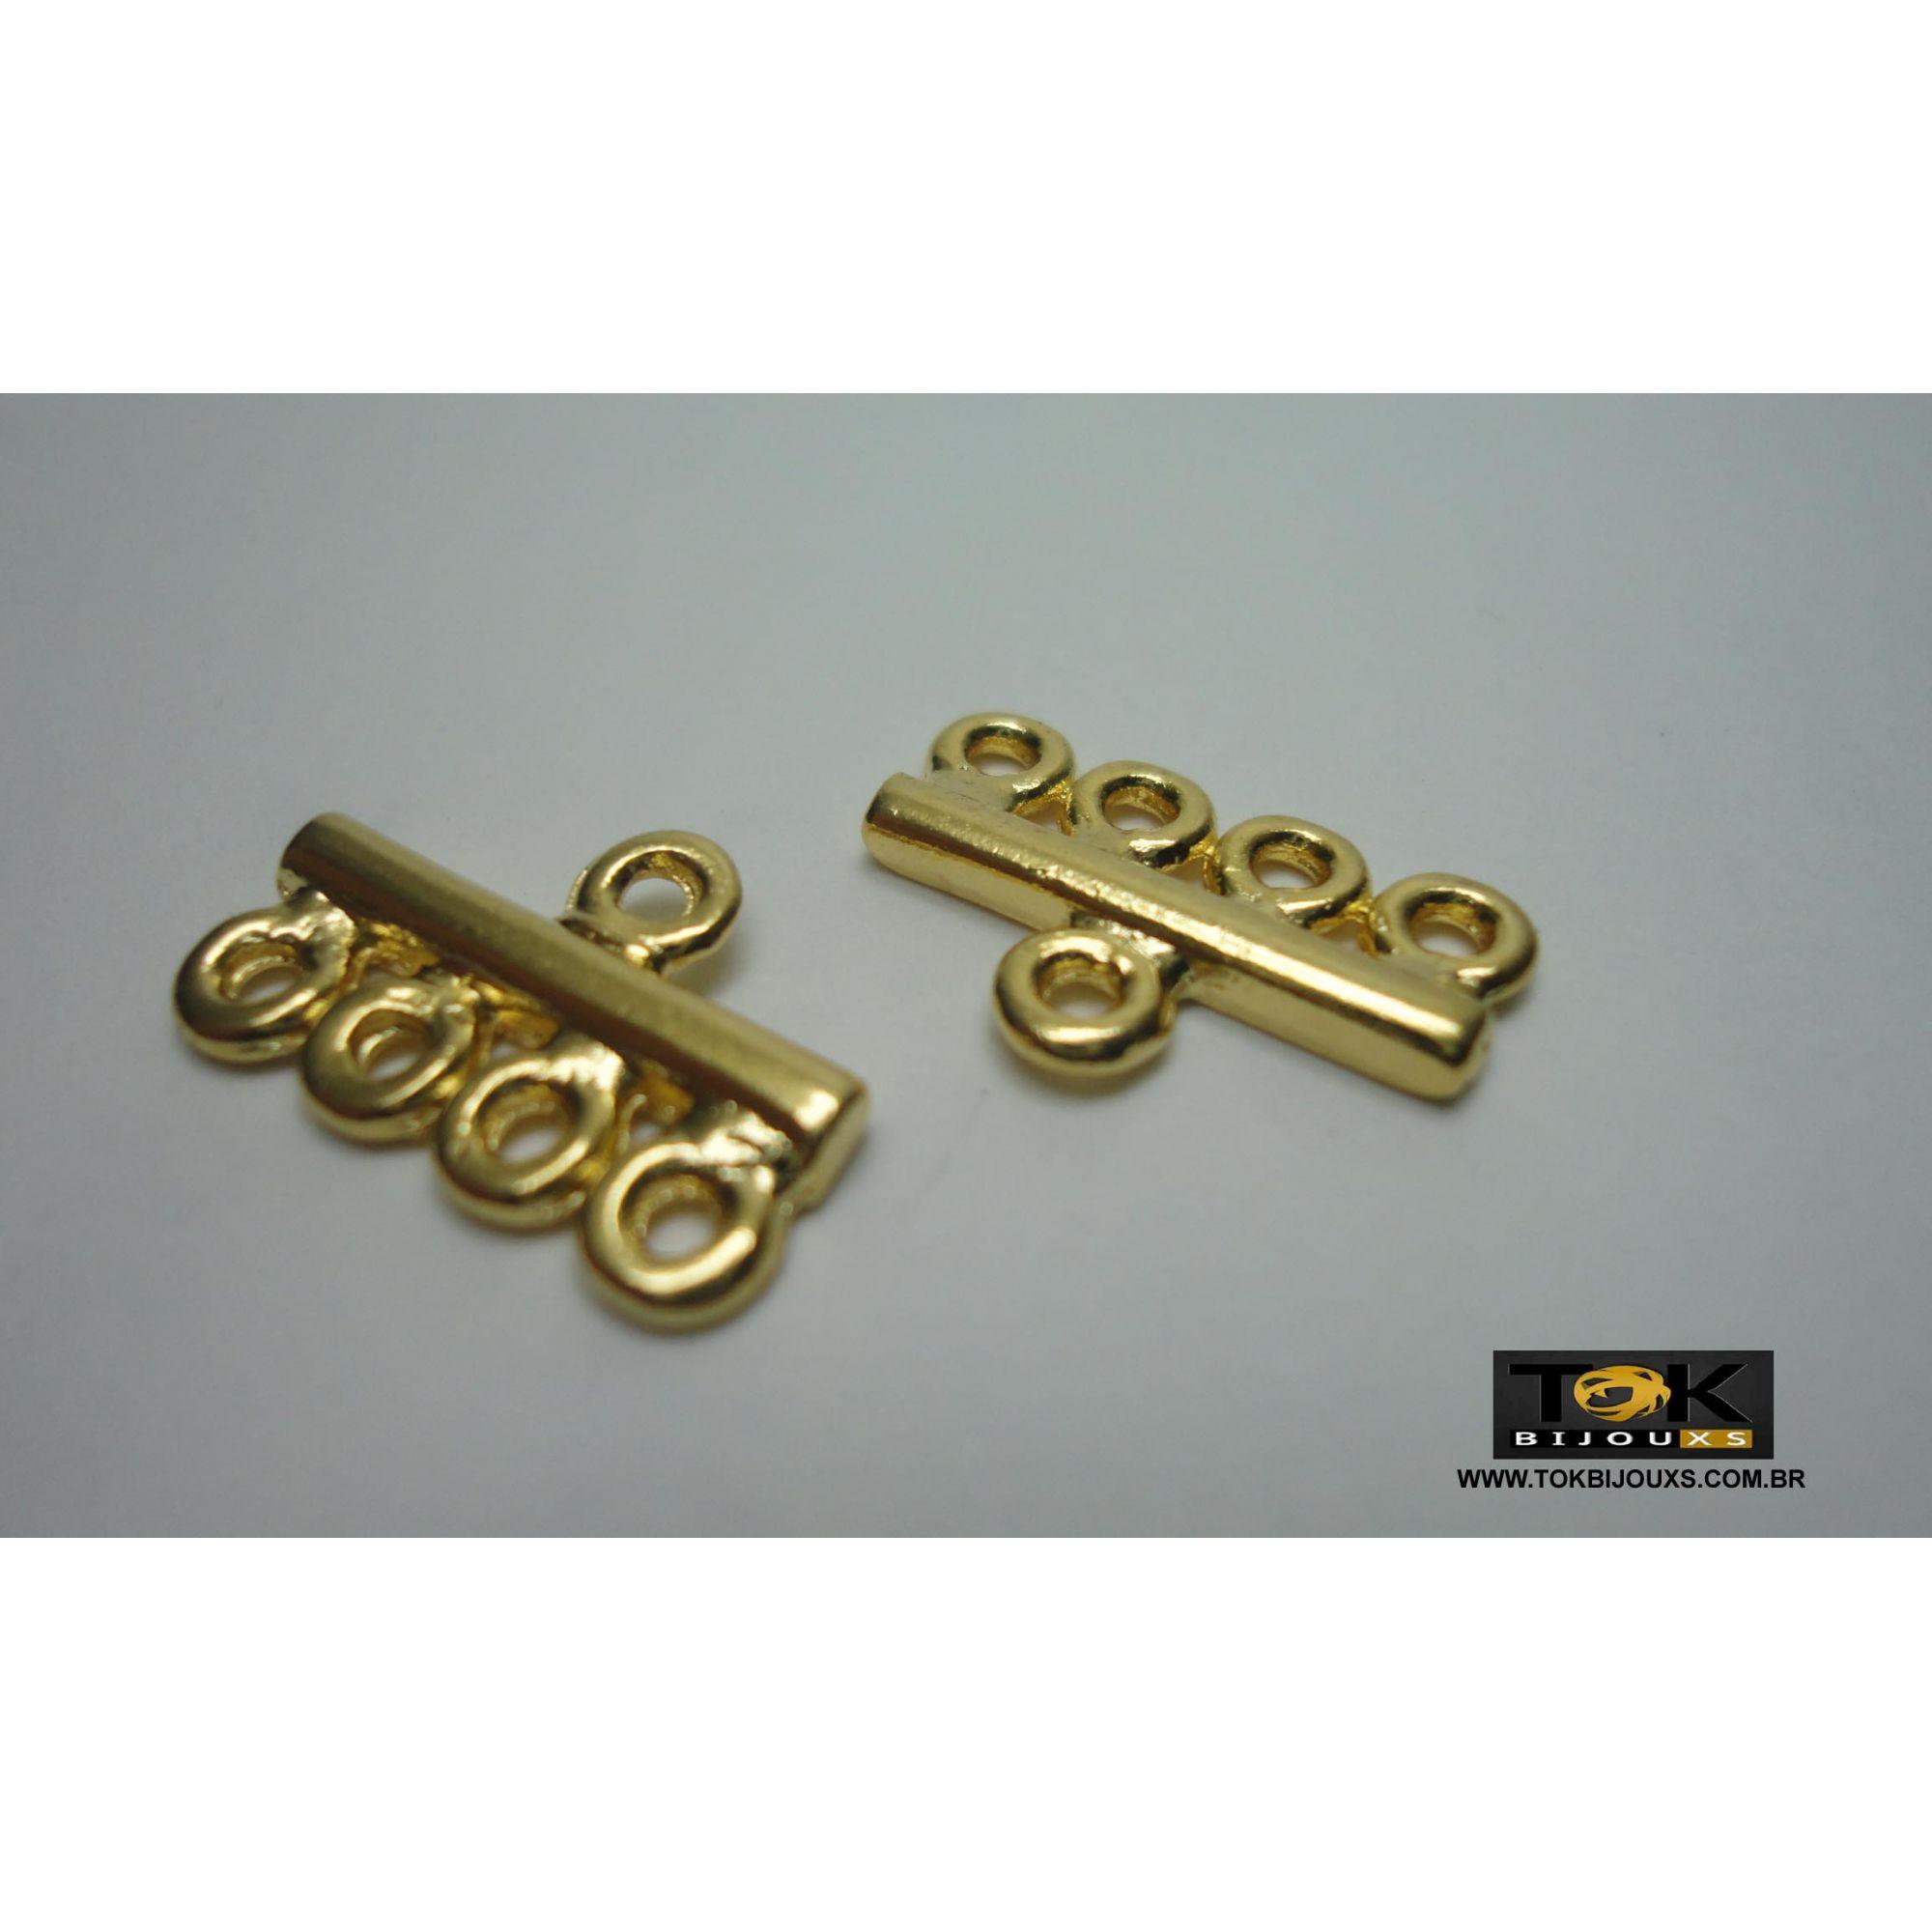 Entremeio Cabide - 4 Saídas - Dourado - 4 Unid